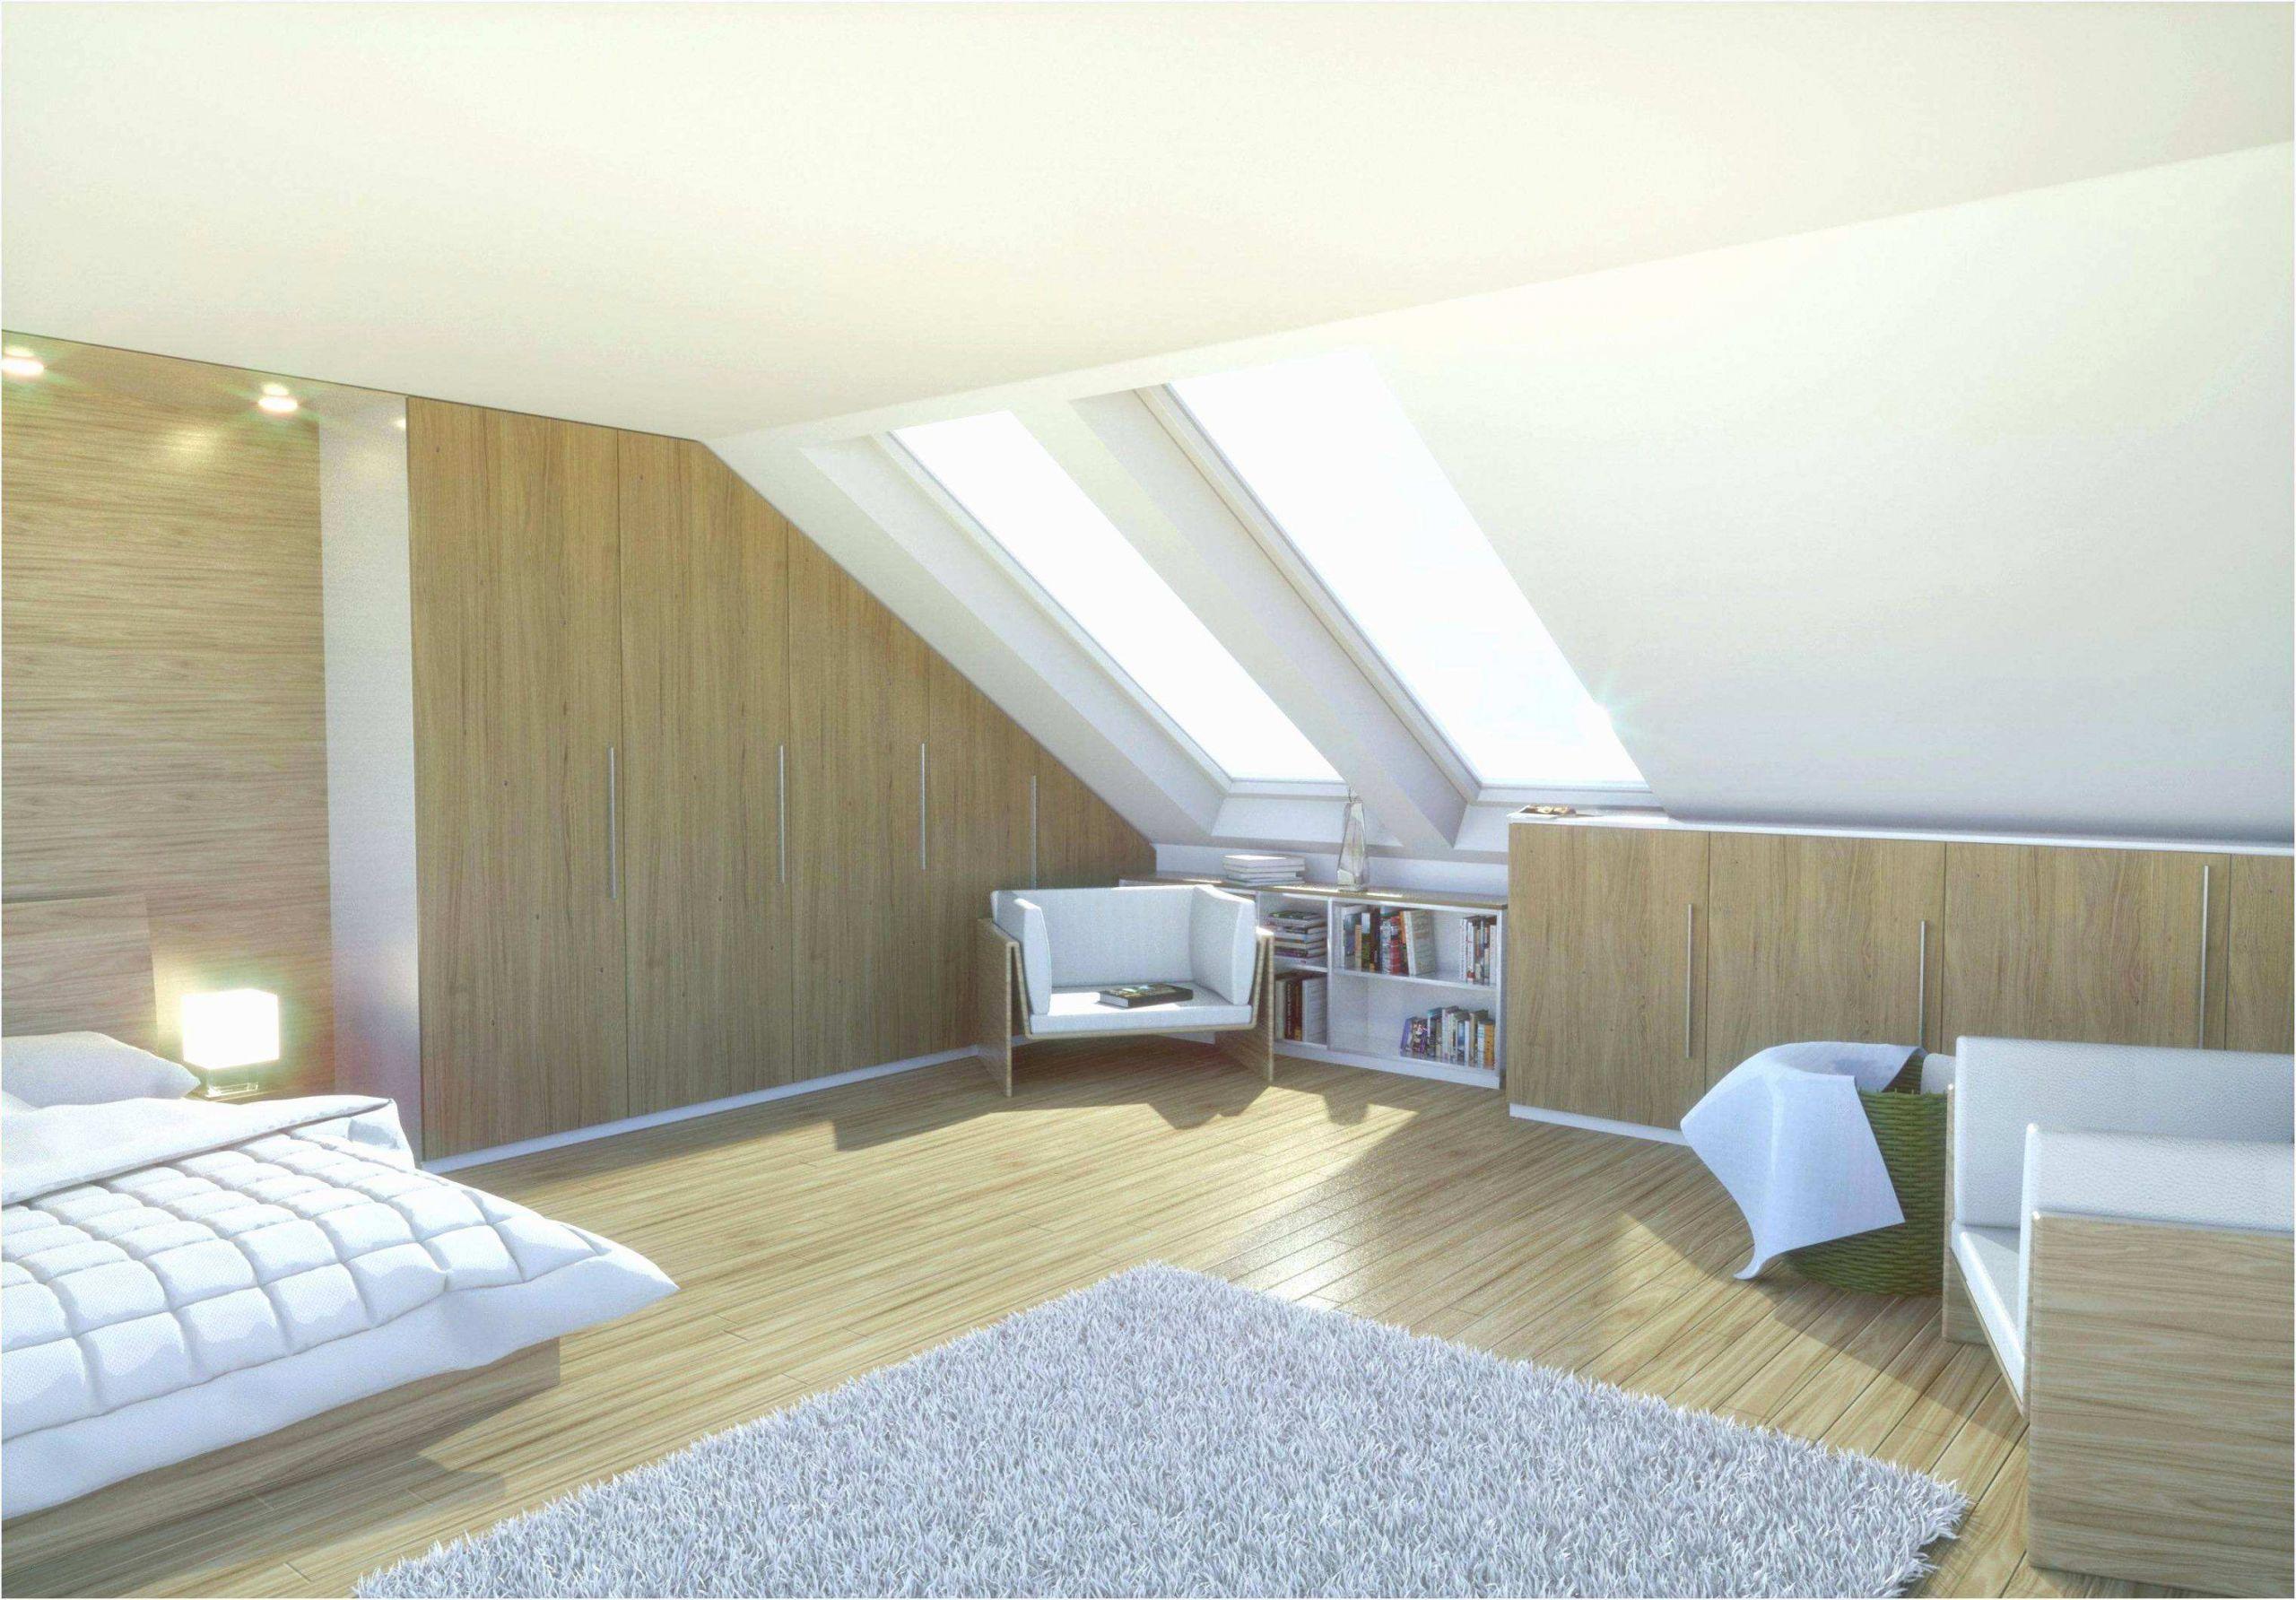 wohnen und dekorieren schon 39 luxus deko ideen schlafzimmer of wohnen und dekorieren